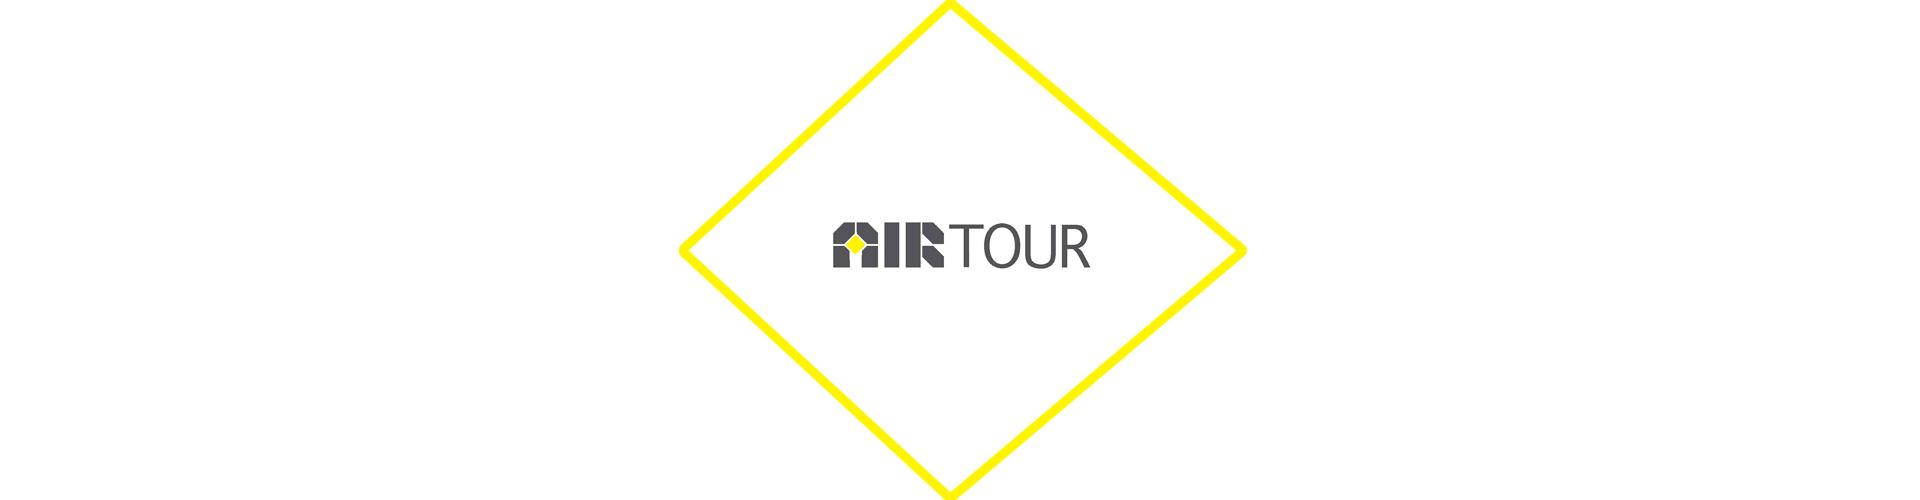 AIRtour – PROGRAMMA MAGGIO 2017